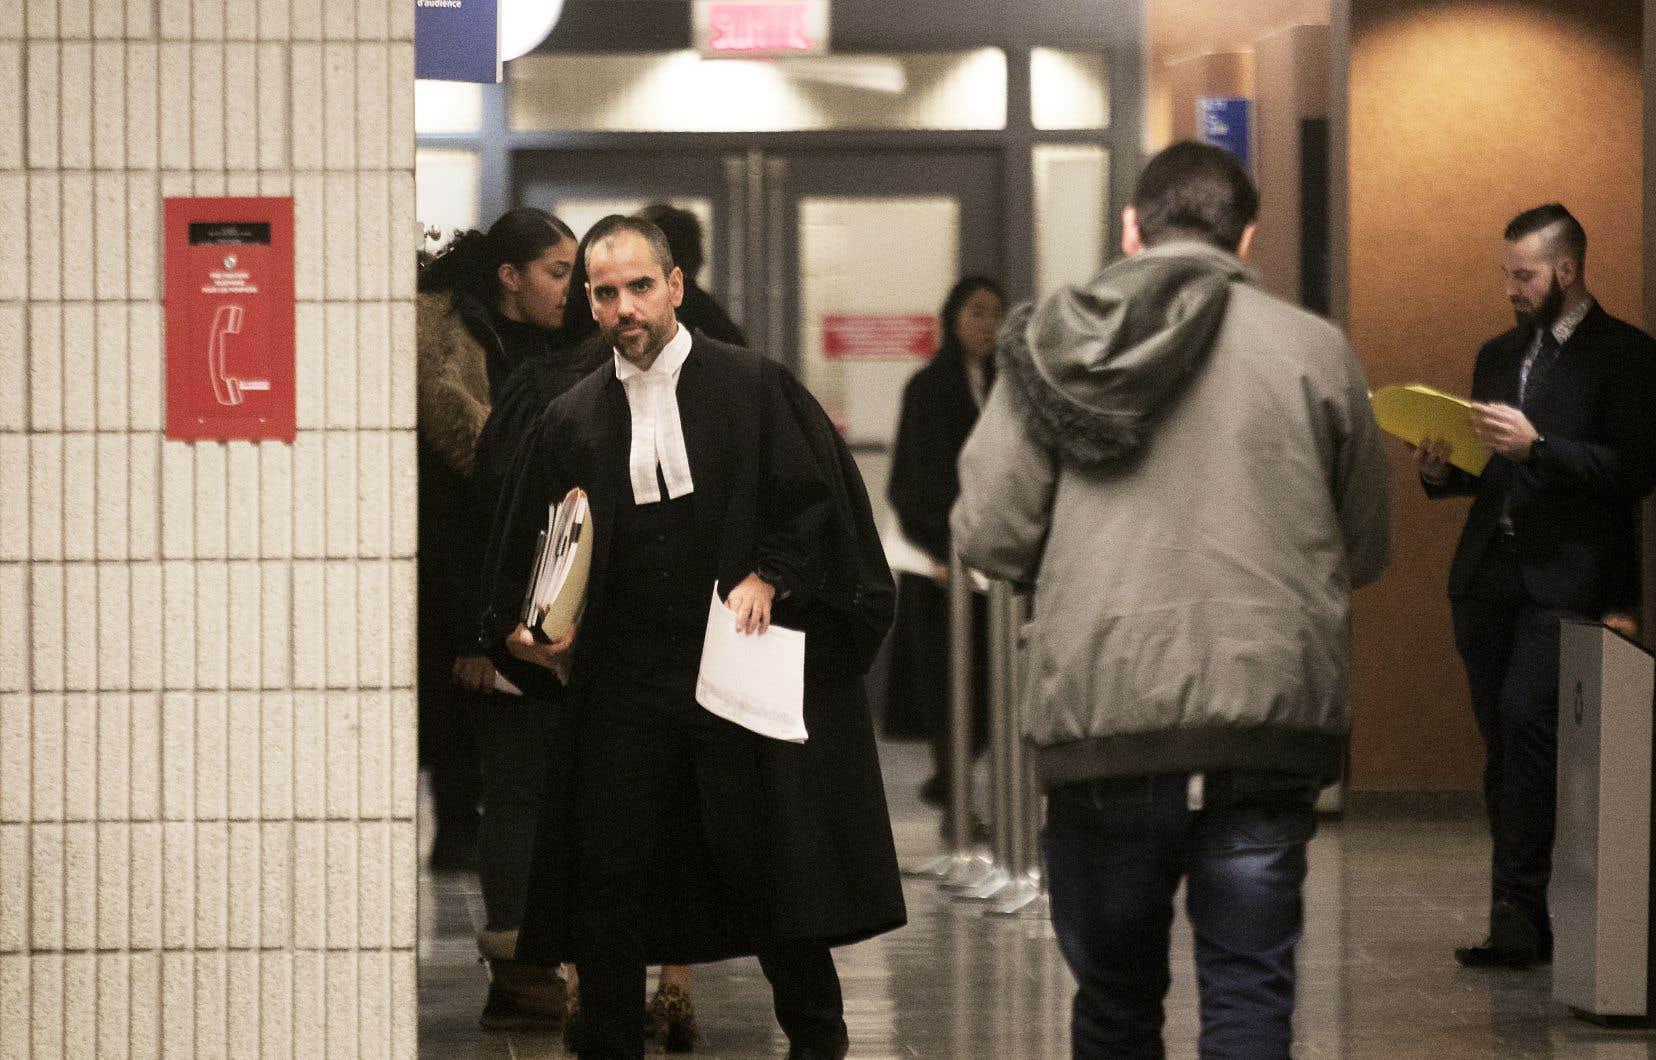 L'enquête sur cautionnement de l'accusé, Jean-Claude Rochefort, s'est tenue jeudi au palais de justice de Montréal.